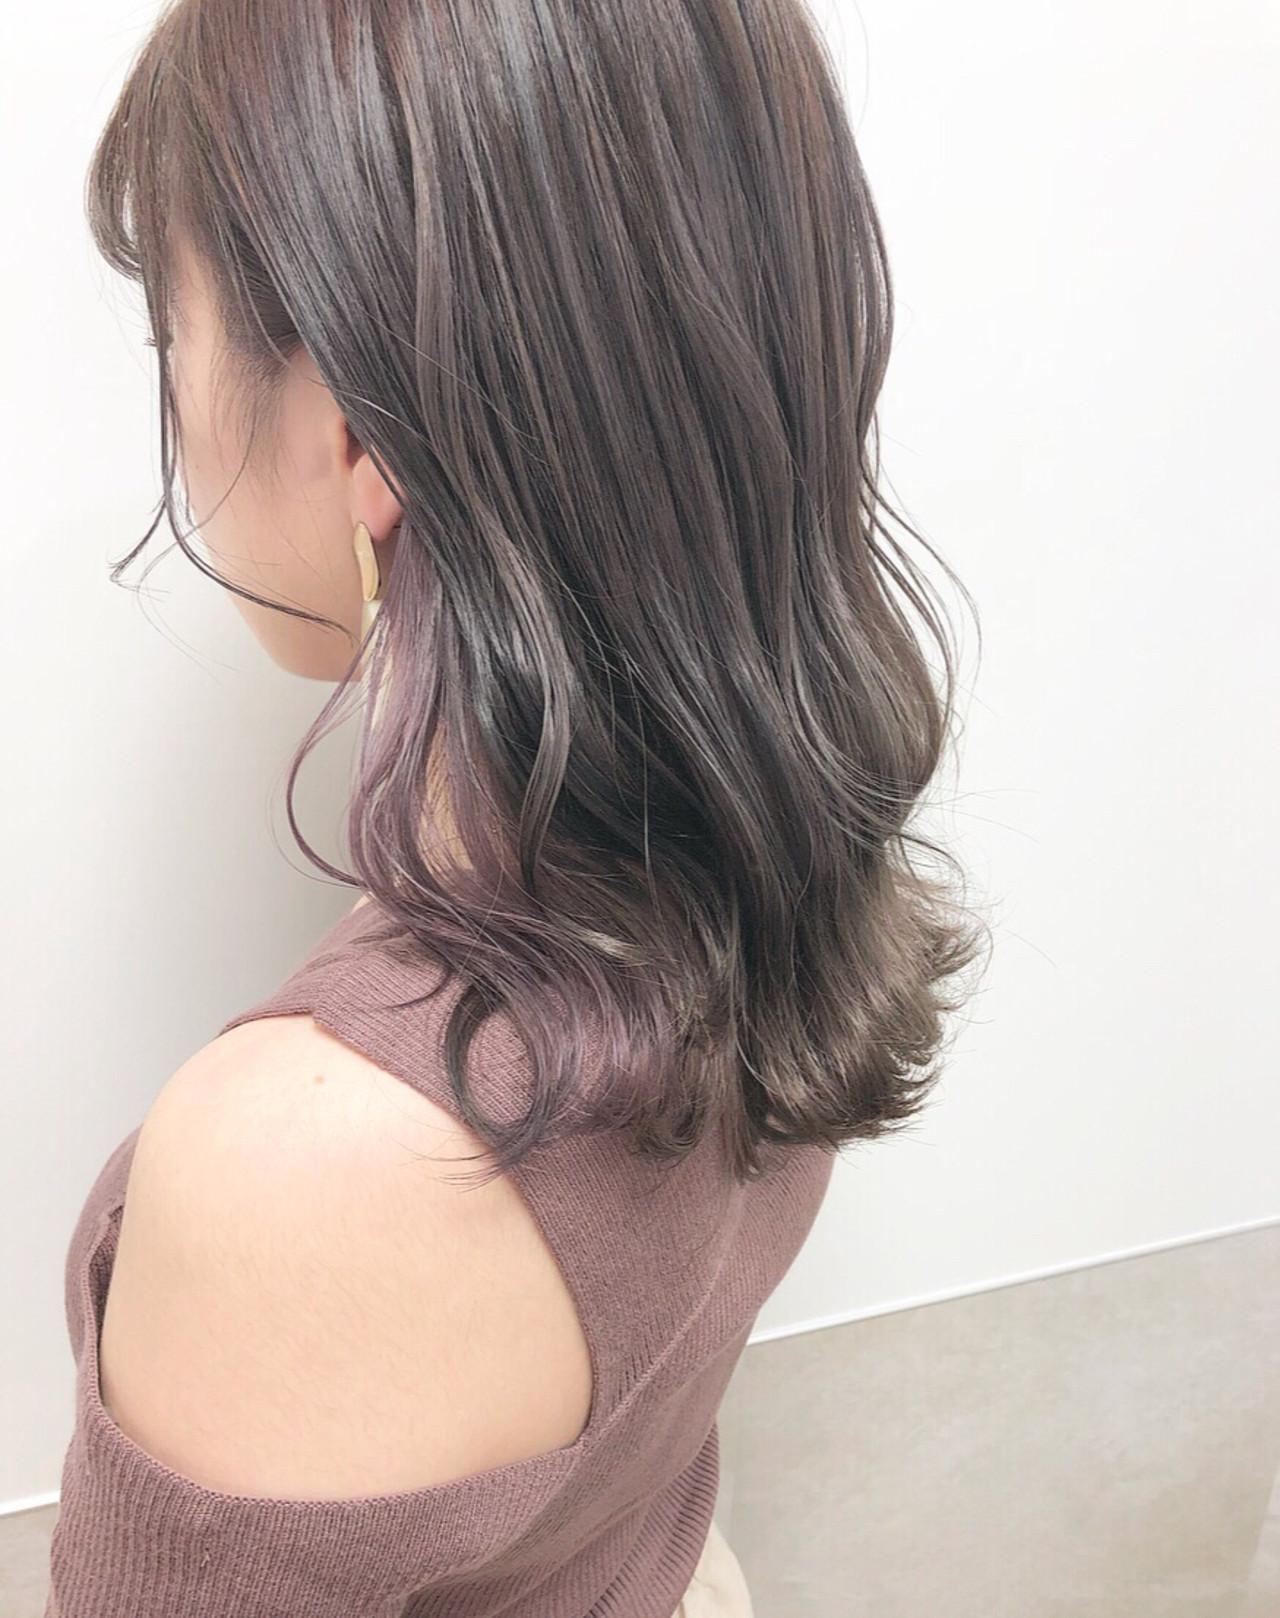 ハイトーンボブ ミディアム インナーカラー ガーリー ヘアスタイルや髪型の写真・画像